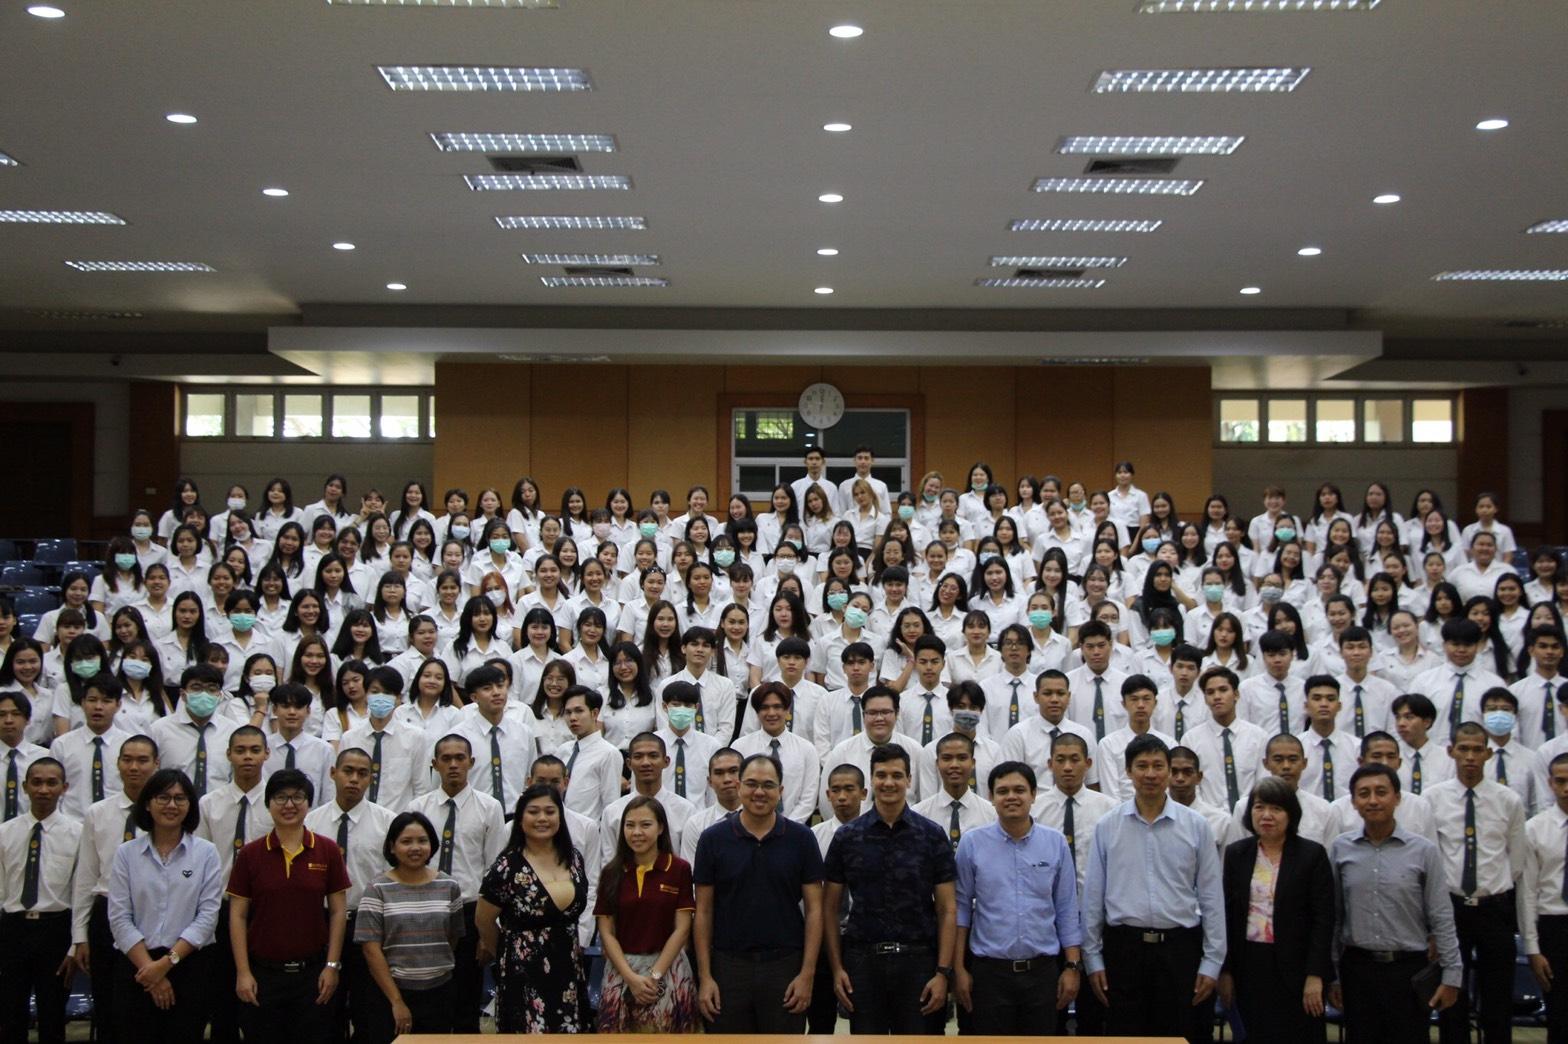 โครงการมอบติ้งคณะโลจิสติกส์ ประจำปีการศึกษา 2562